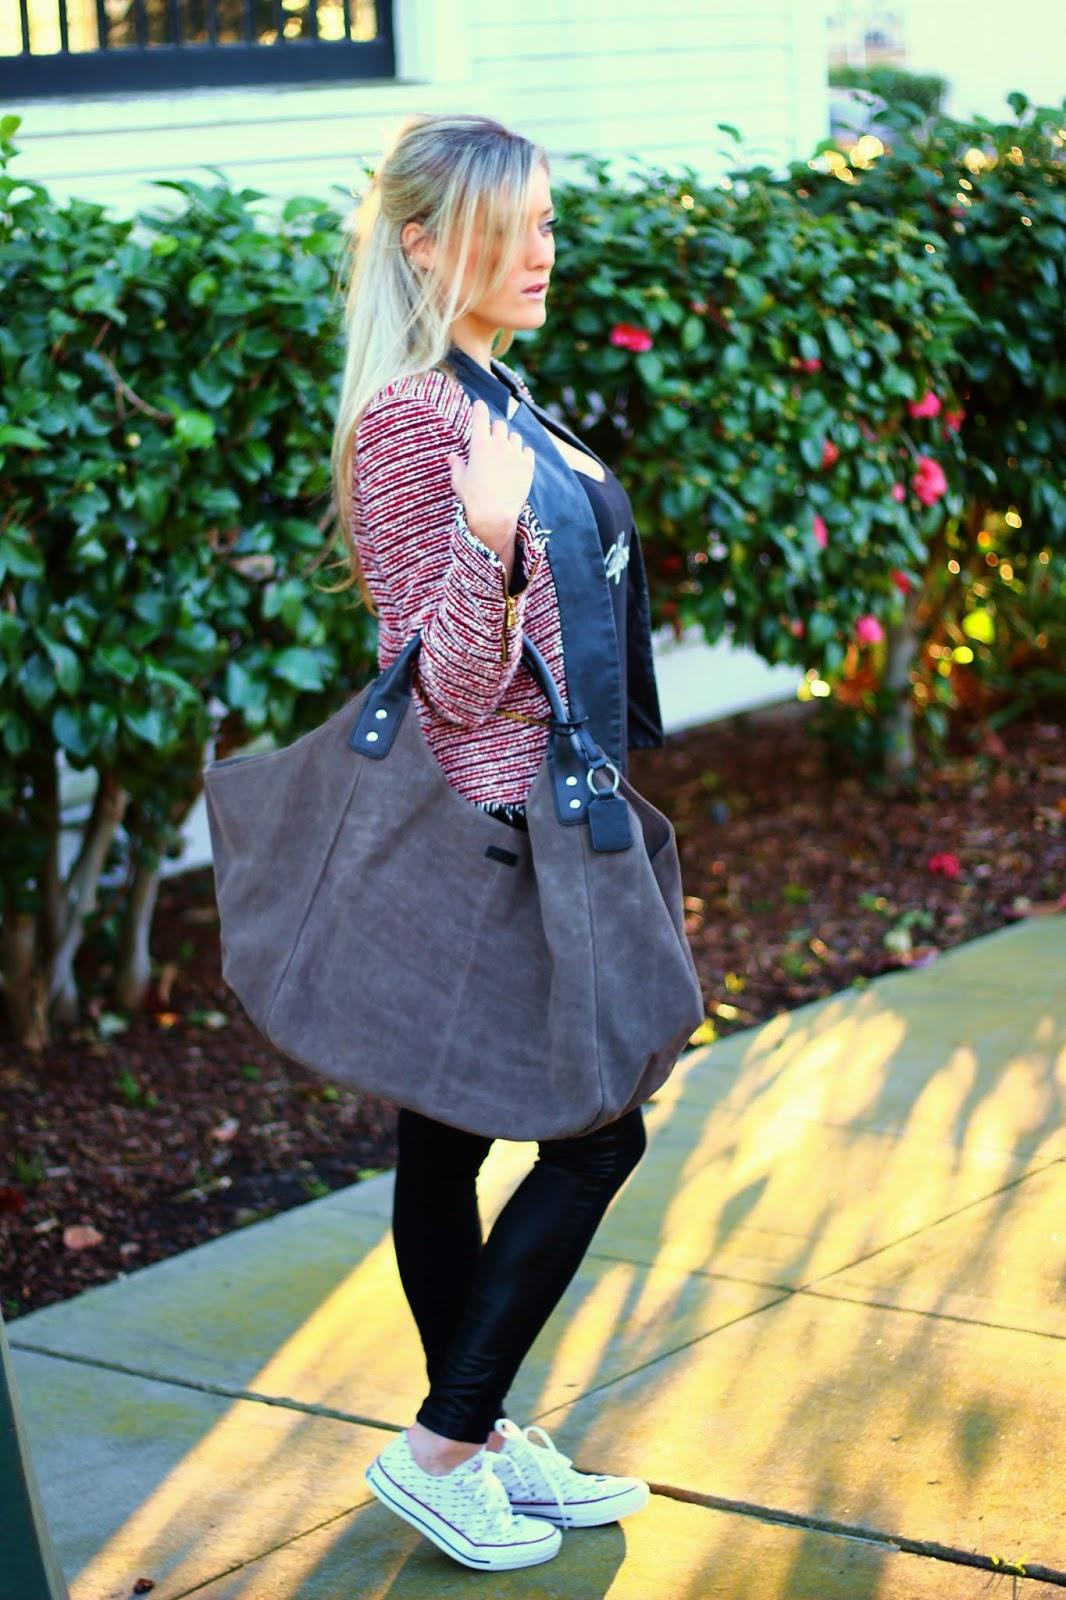 QTee, Customizable, California, Ellington Handbags